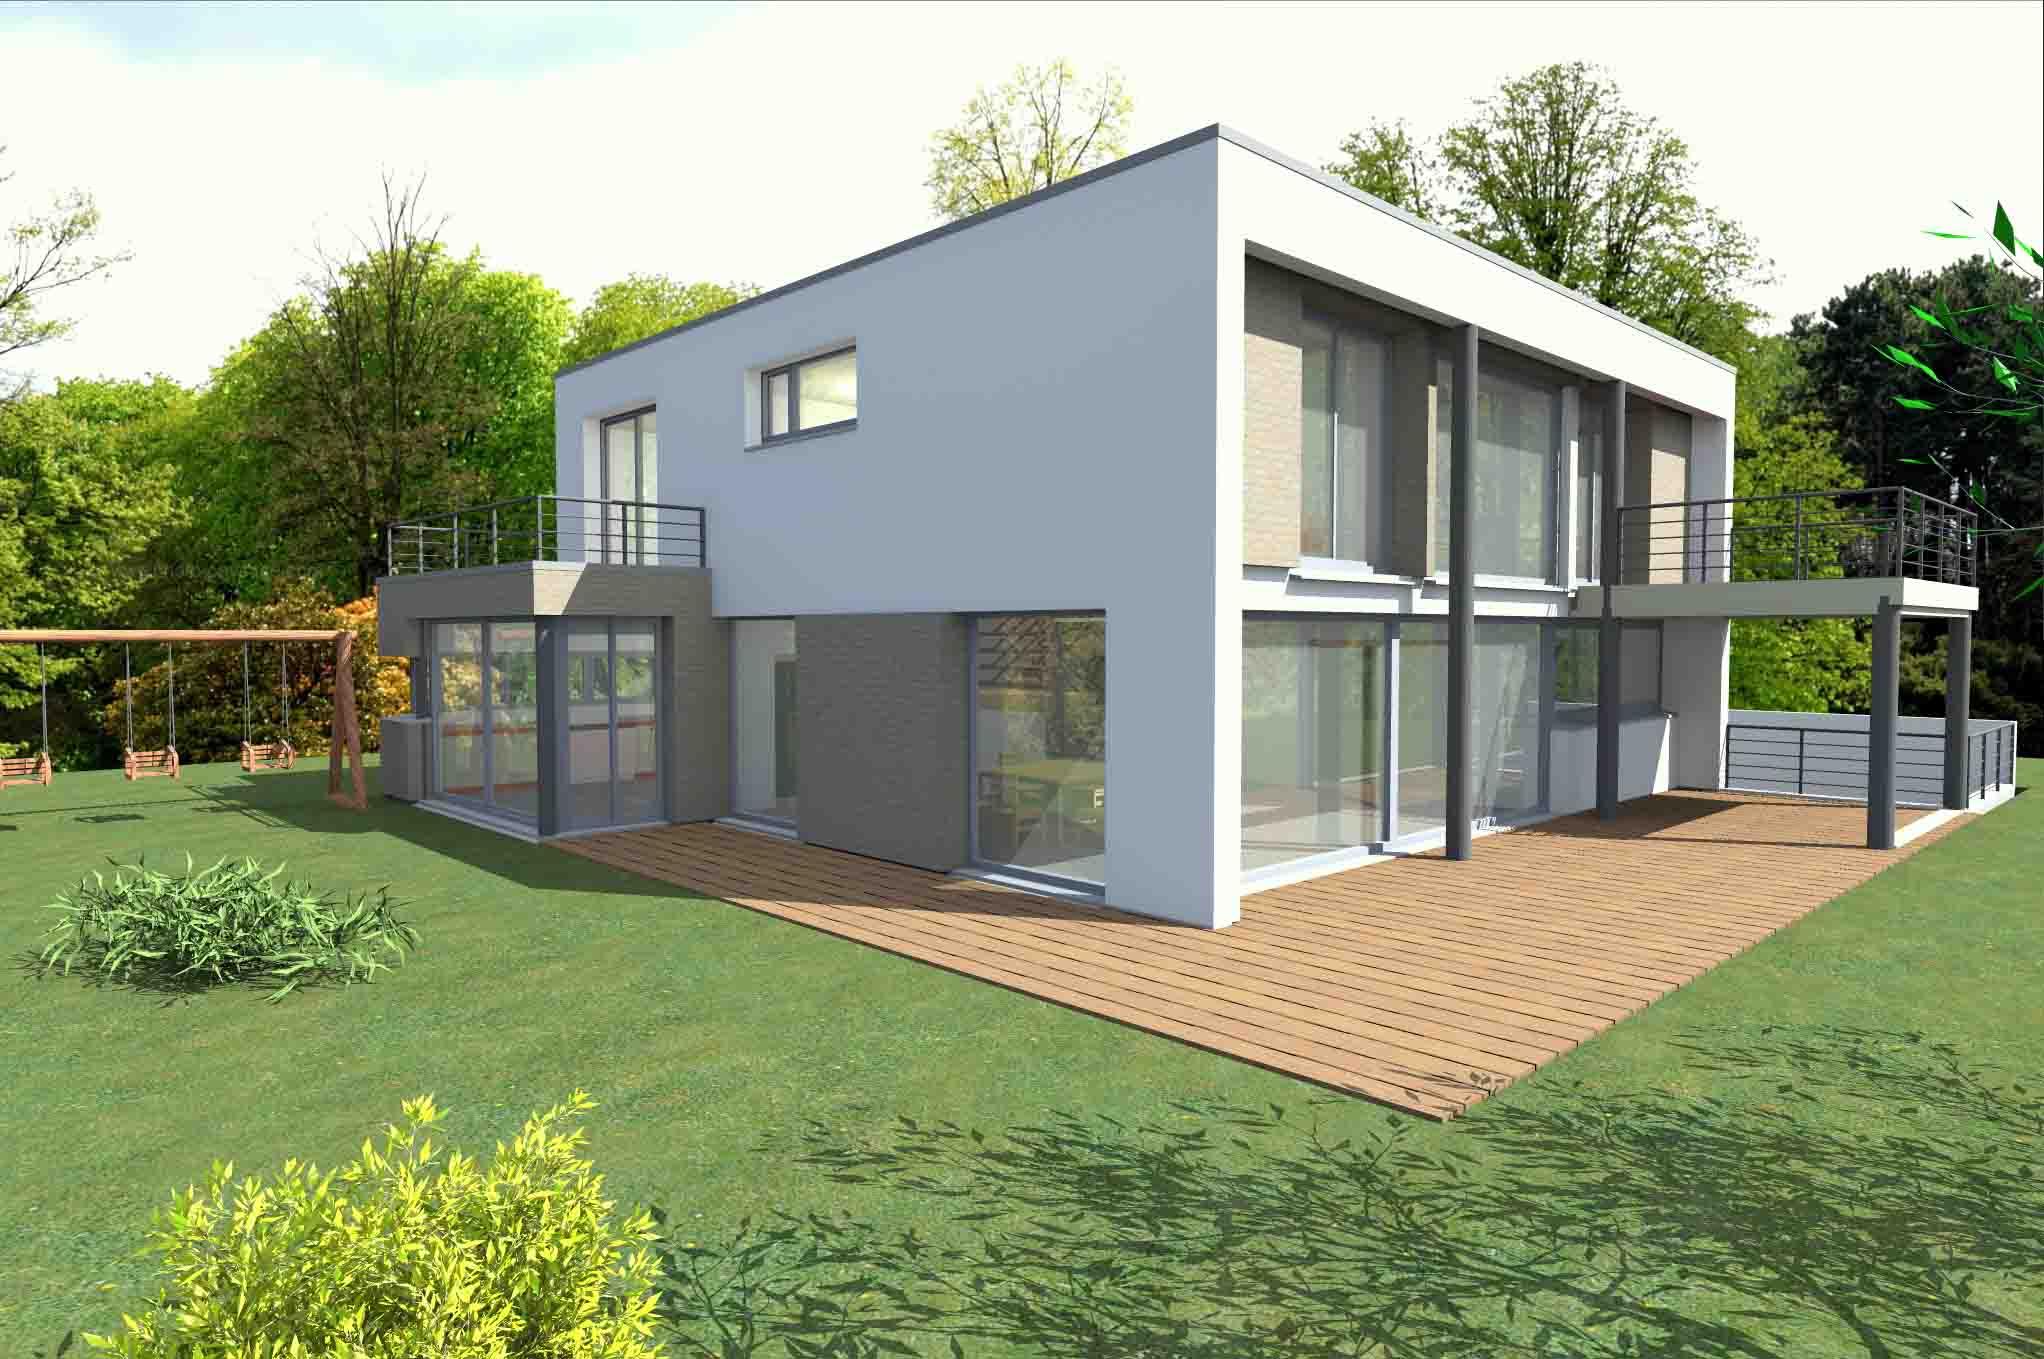 Couleur Exterieur Maison Contemporaine plan de maison: maison contemporaine étage